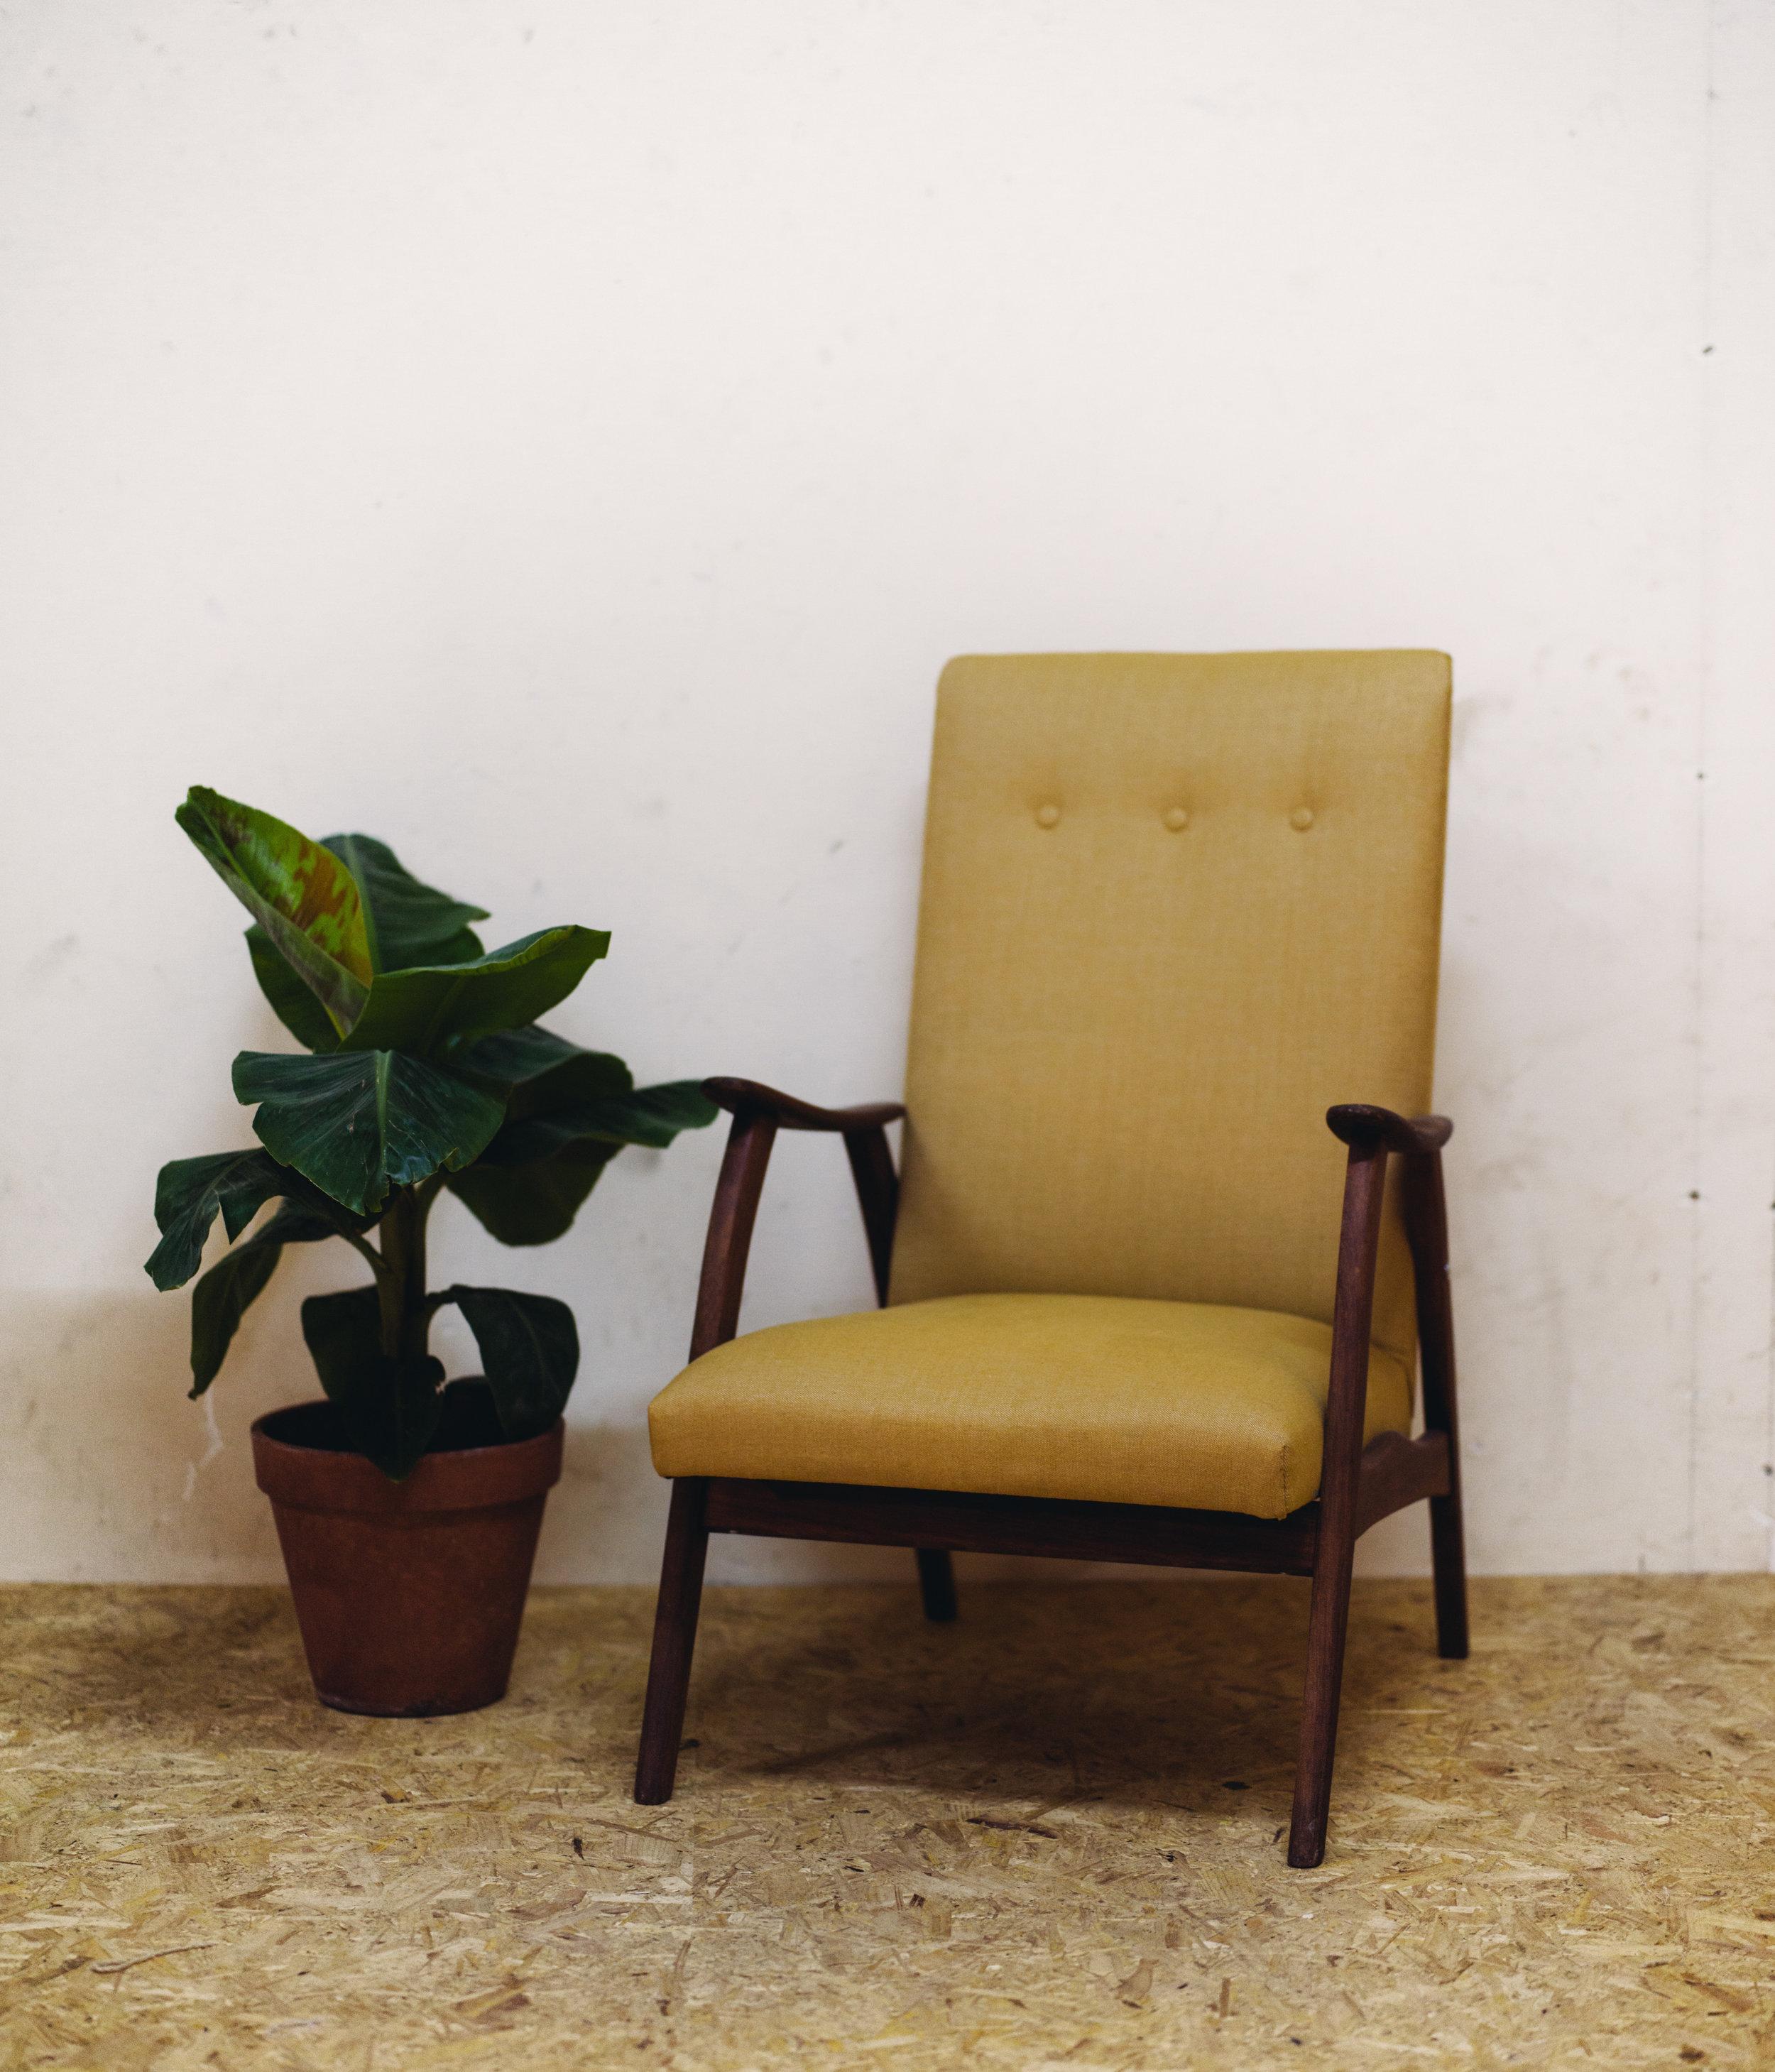 Vintage fauteuil , voorzien van nieuw binnenwerk en gestoffeerd met een stof van gerecycled katoen.